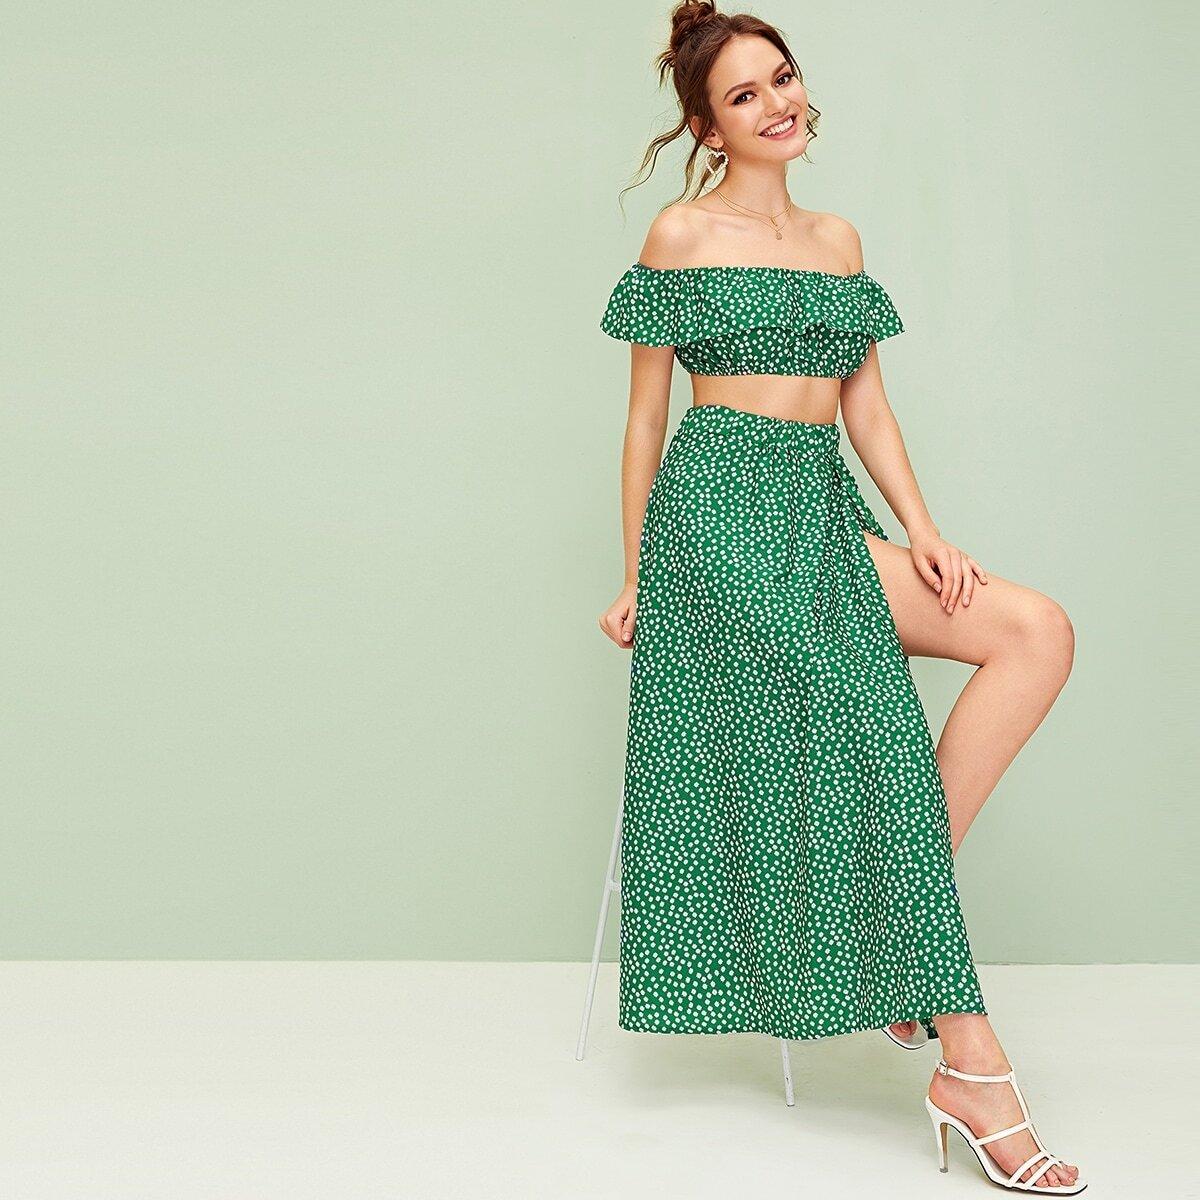 Топ с открытым плечом, цветочным принтом и юбка с разрезом